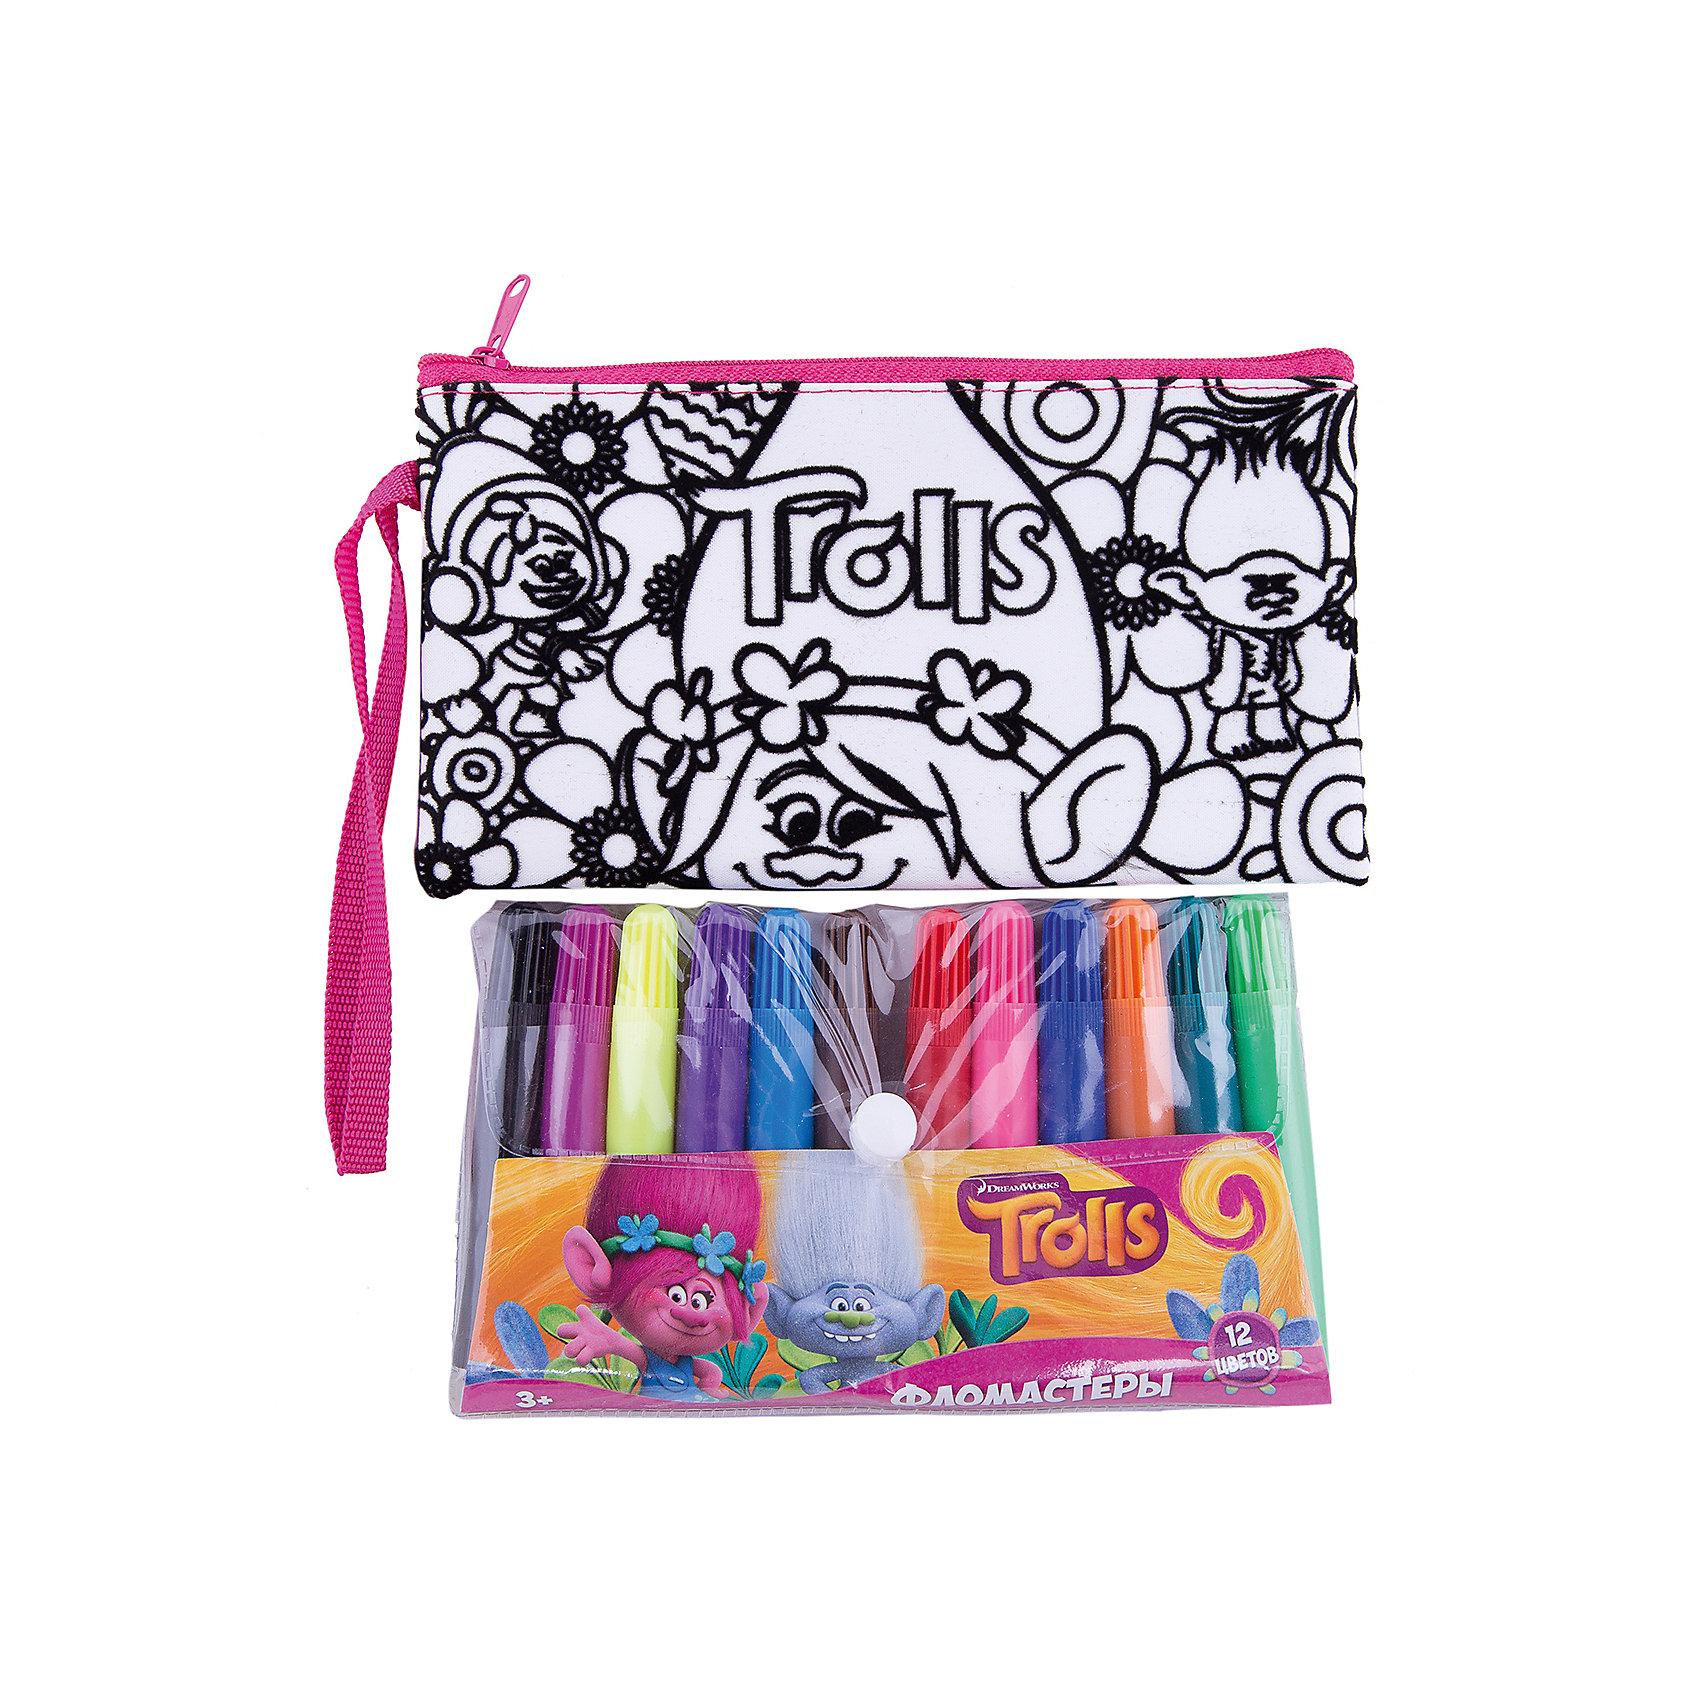 Набор Раскрась сумка Тролли.Наборы для раскрашивания<br>Набор Раскрась сумку Тролли.<br><br>Характеристики:<br><br>• В набор входит: сумка-пенал 19 * 10см, фломастеры 12 цветов<br>• Размер упаковки: 32 * 3 * 23,5 см.<br>• Вес: 200 г.<br>• Для детей в возрасте: от 3 до 6 лет<br>• Страна производитель: Китай<br><br>В набор входят яркие фломастеры двенадцати классических цветов, которые позволят раскрасить сумочку-пенал на своё усмотрение. Мягкая и функциональная сумочка с одним общим отделением на молнии подойдёт как для учебных принадлежностей, так и для повседневных мелочей. Удобная прочная ручка-ремешок позволяет носить сумочку как будет удобнее её хозяйке.<br><br>Набор Раскрась сумку Тролли можно купить в нашем интернет-магазине.<br><br>Ширина мм: 30<br>Глубина мм: 235<br>Высота мм: 320<br>Вес г: 200<br>Возраст от месяцев: 36<br>Возраст до месяцев: 2147483647<br>Пол: Женский<br>Возраст: Детский<br>SKU: 5478269